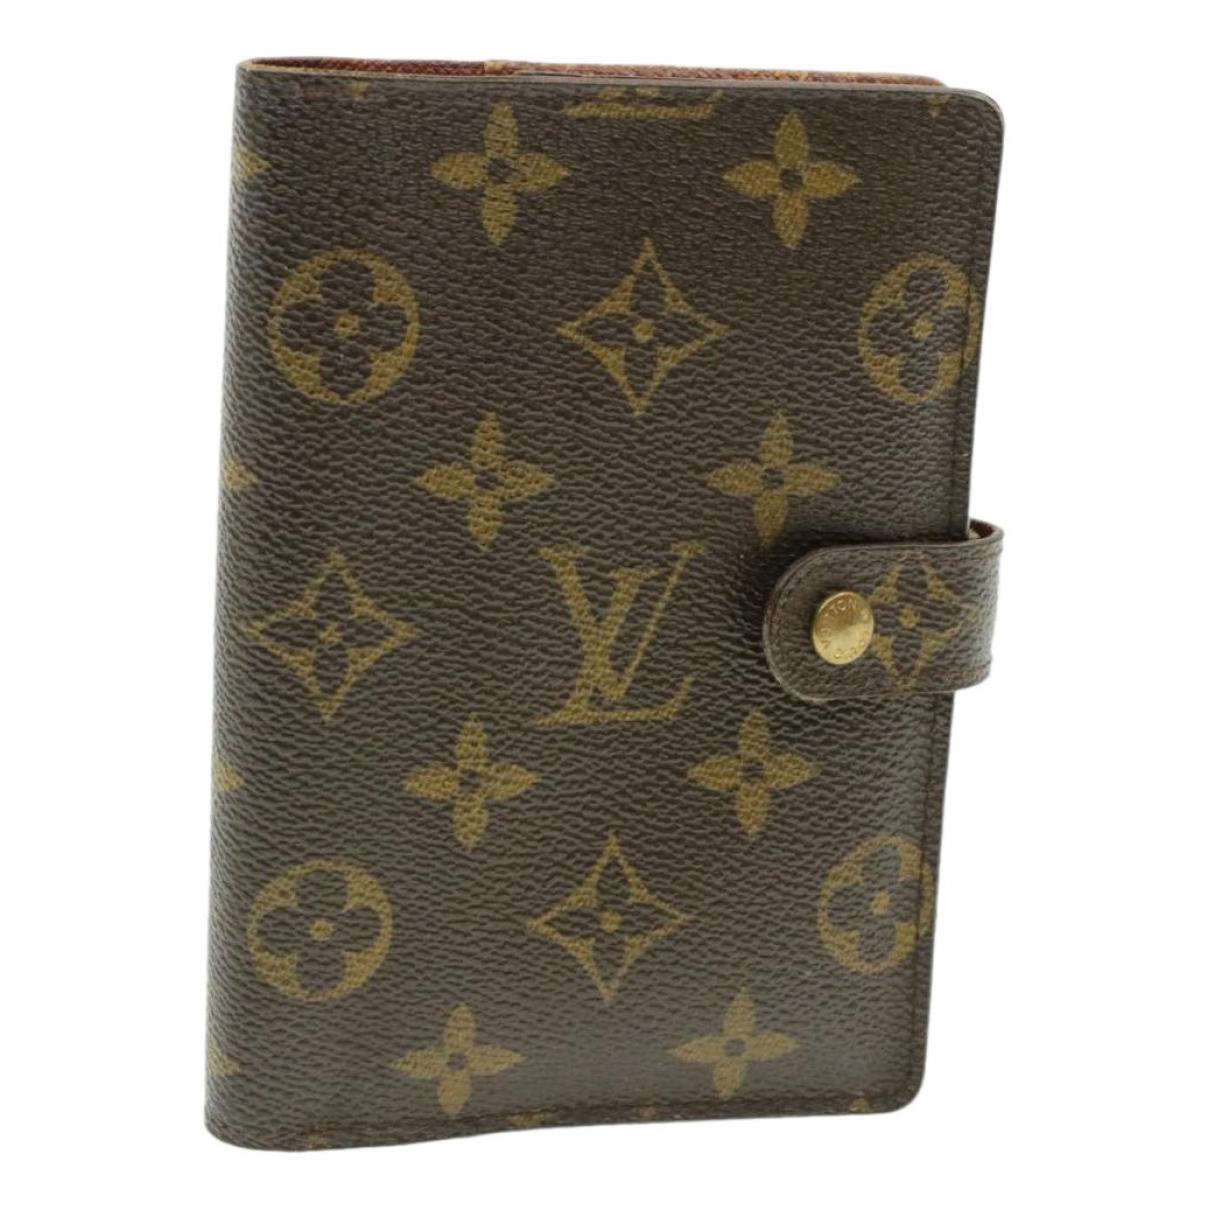 Louis Vuitton \N Accessoires und Dekoration in  Braun Leinen